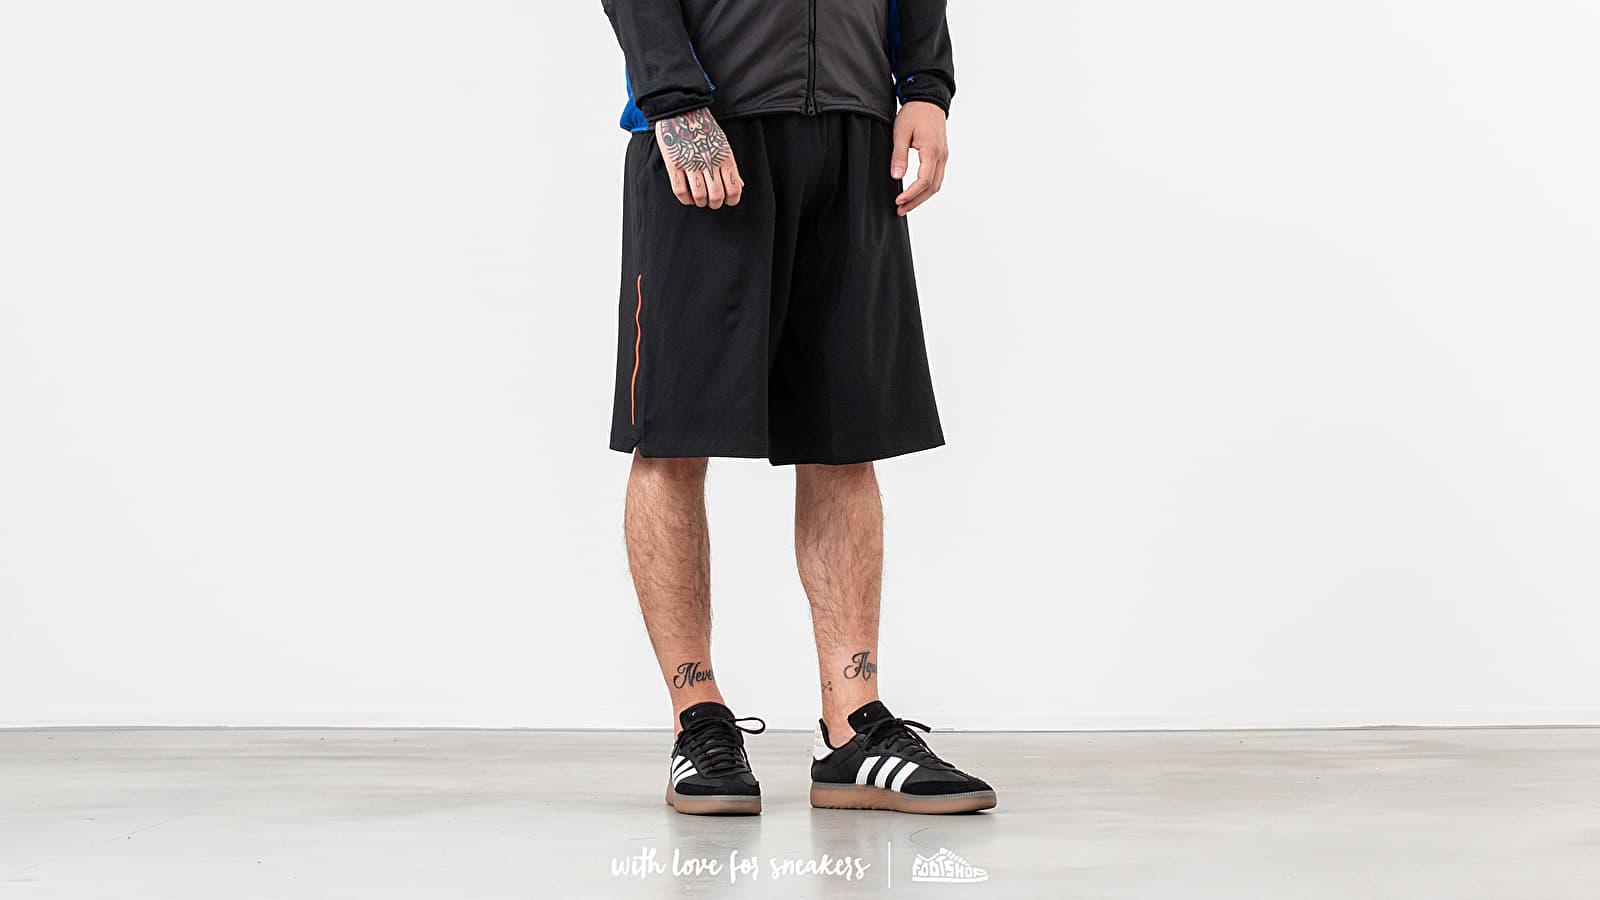 adidas x White Mountaineering Terrex Short Black nagyszerű árakon 25 694 Ft vásárolj a Footshopban